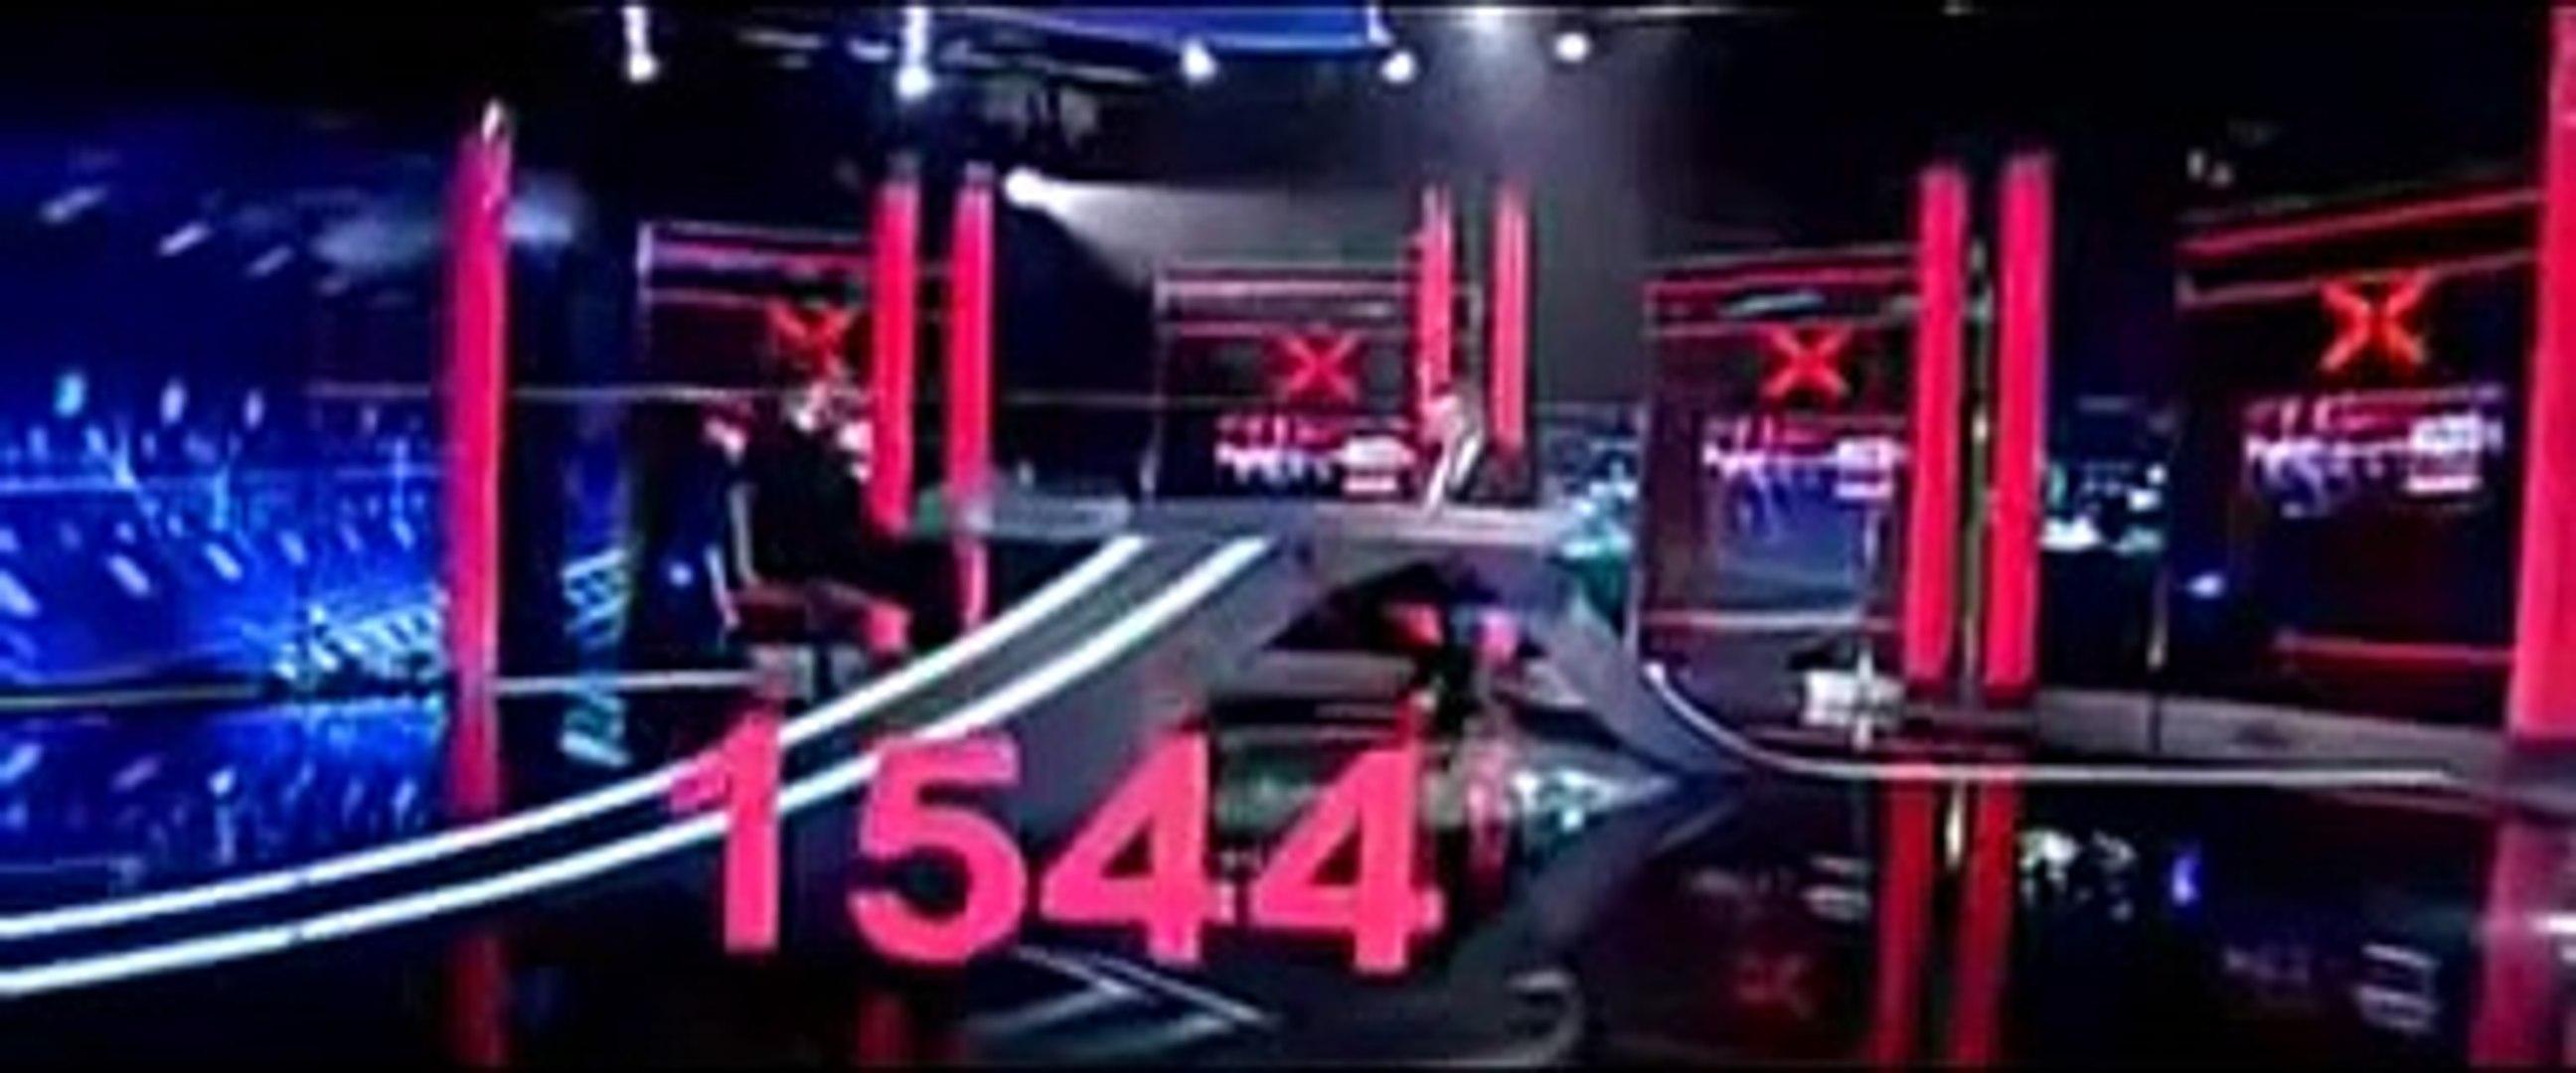 حقيقة ميا خليفة نجمة افلام الاباحية في برنامج طونى خليفه للكبار فقط +18